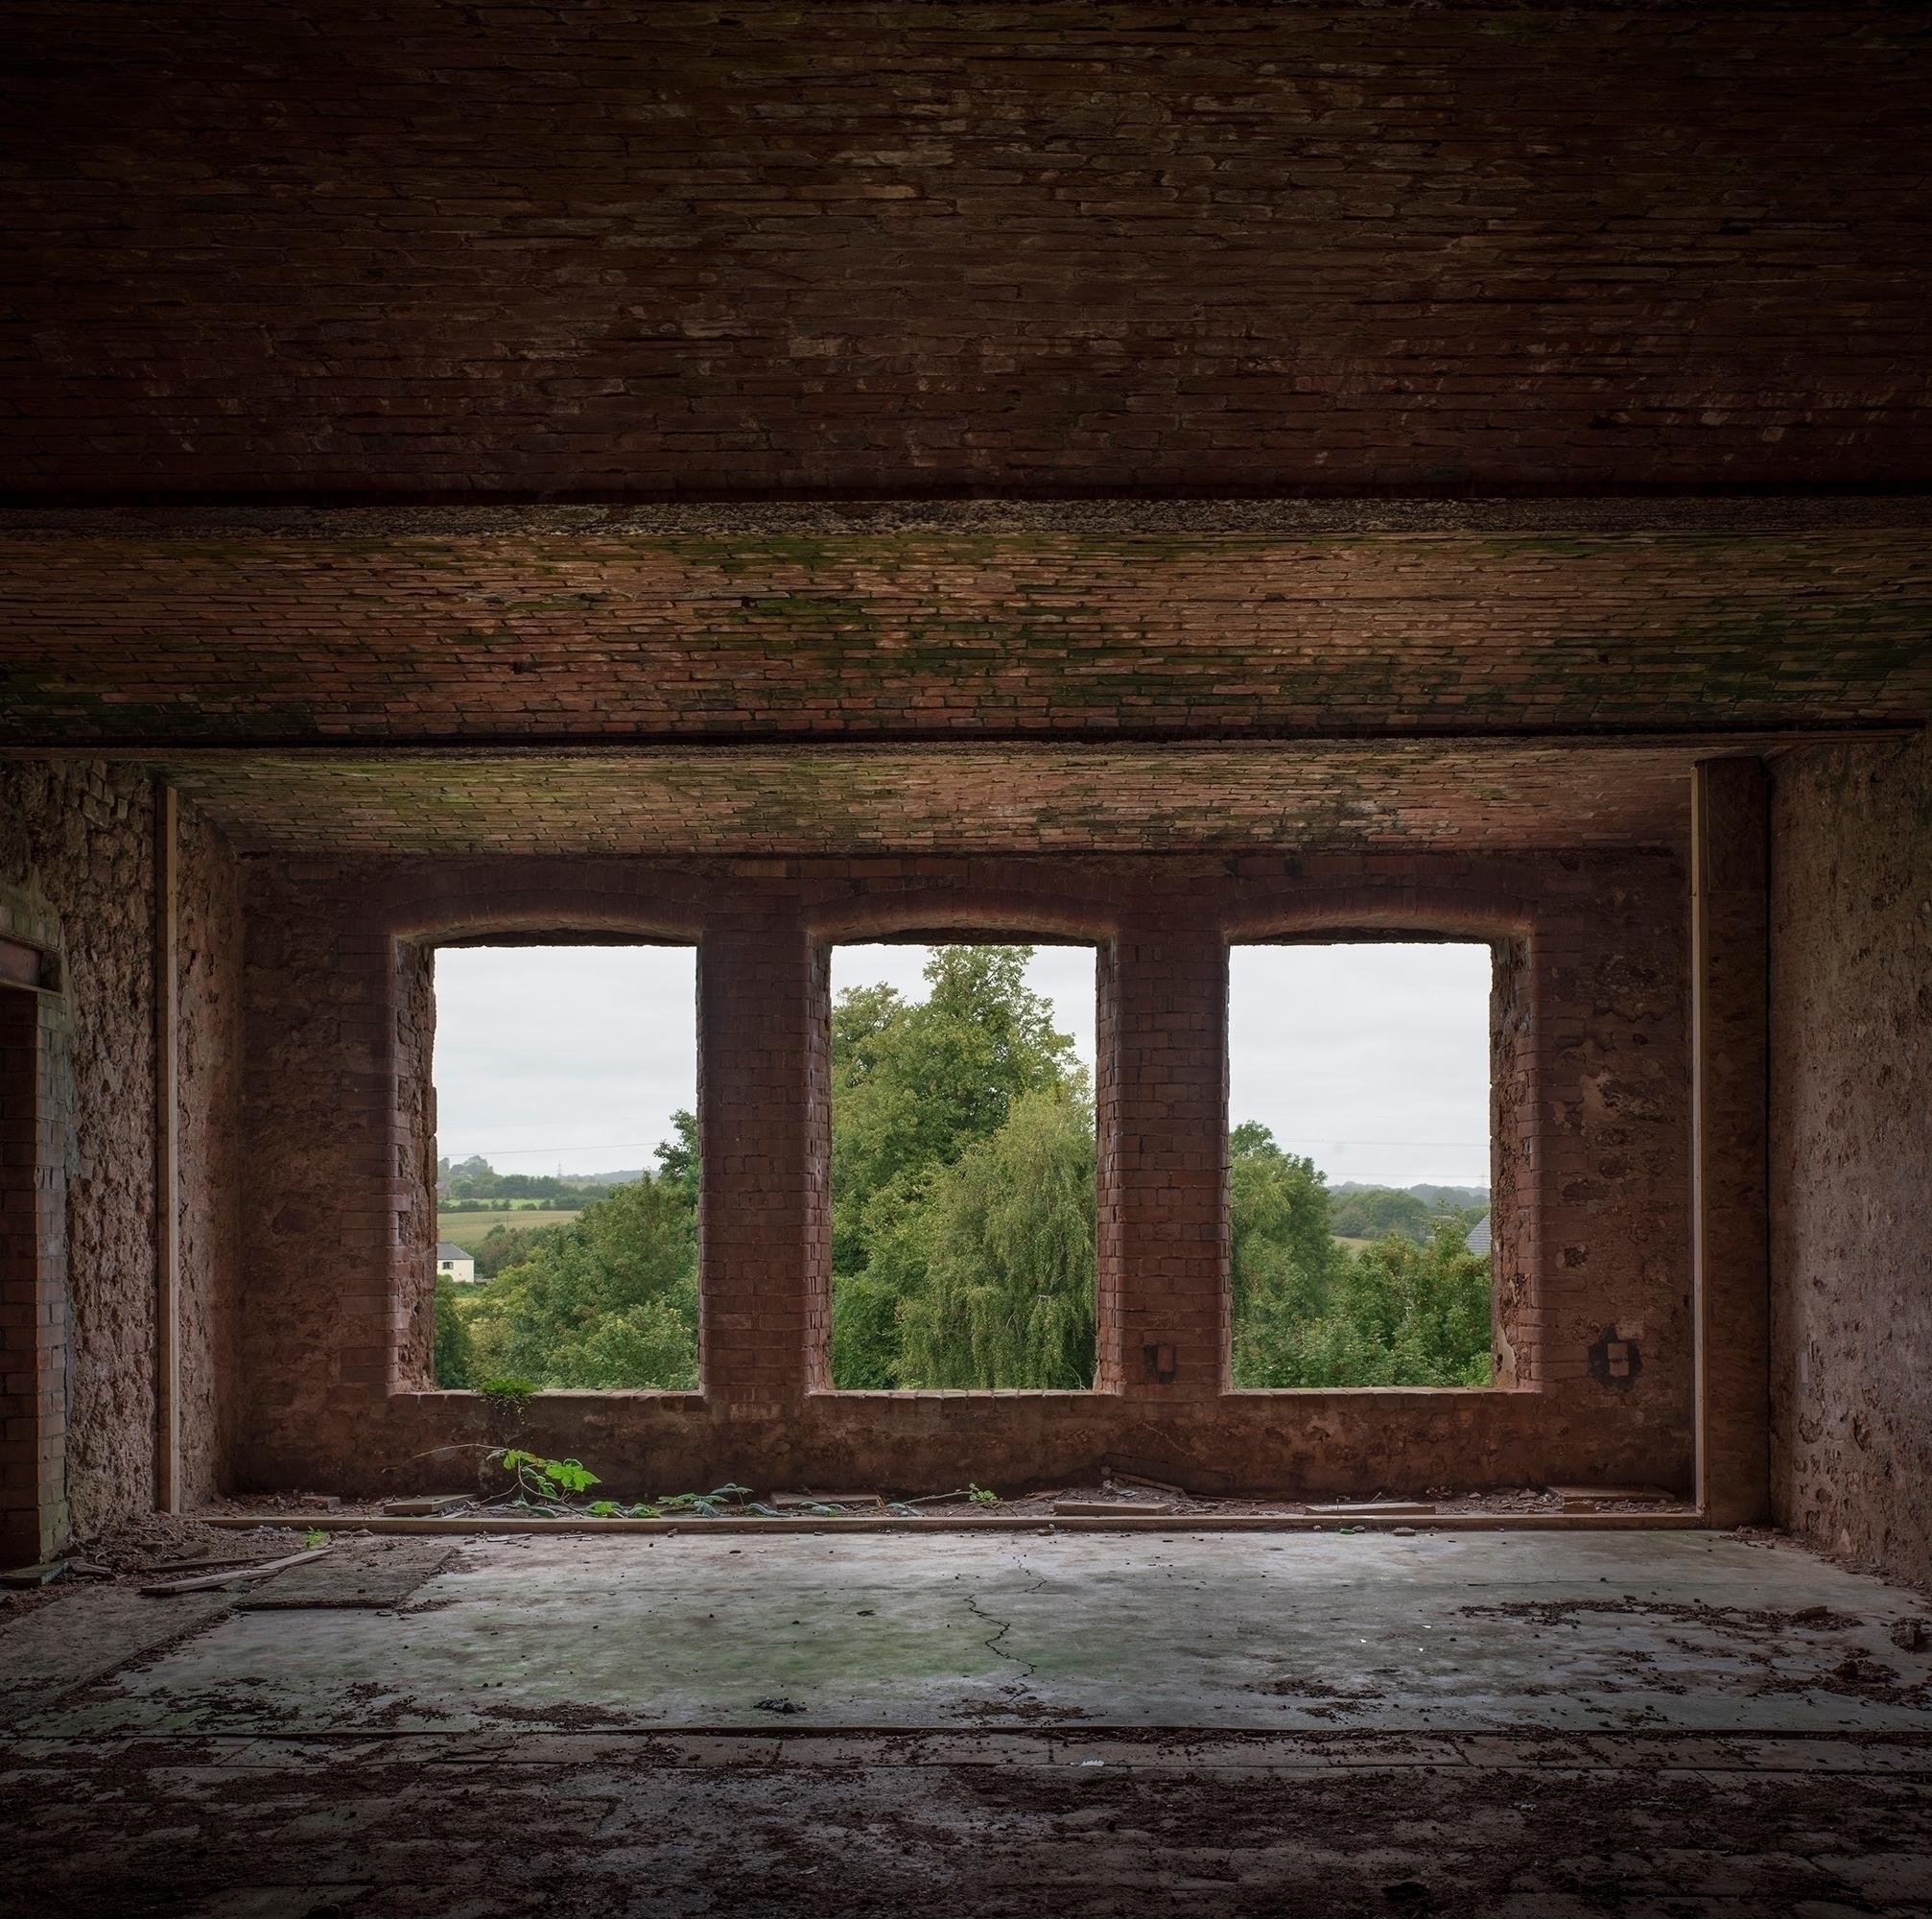 abandoned industrial revolution - forgottenheritage   ello